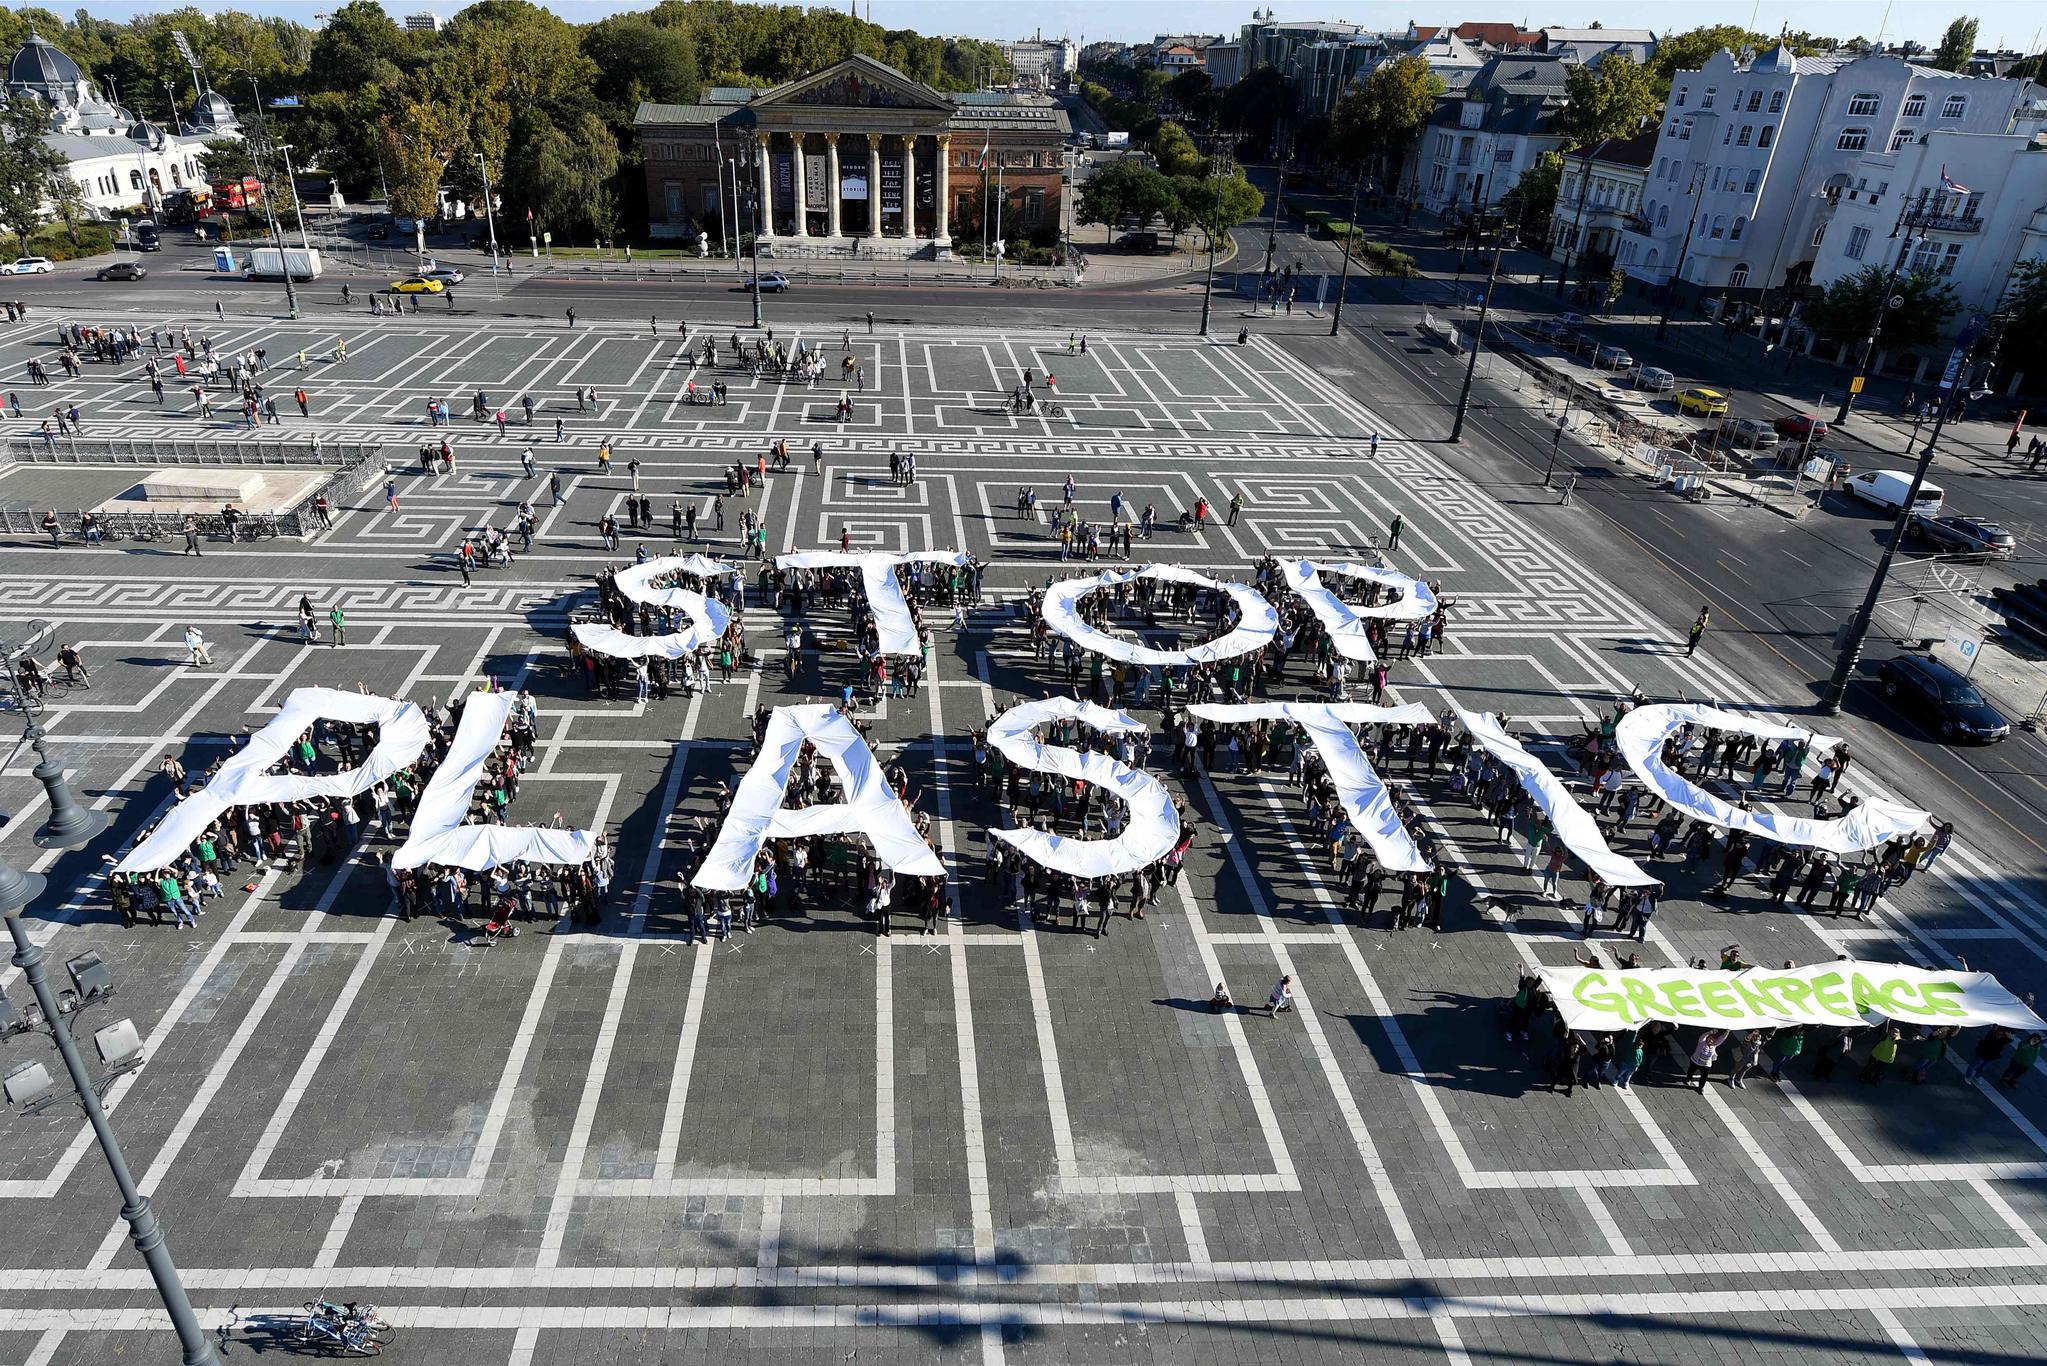 그린피스 회원들이 지난해 9월 헝가리 부다페스트에서 플라스틱 사용 금지를 요구하는 퍼포먼스를 하고 있다. [AFP=연합뉴스]